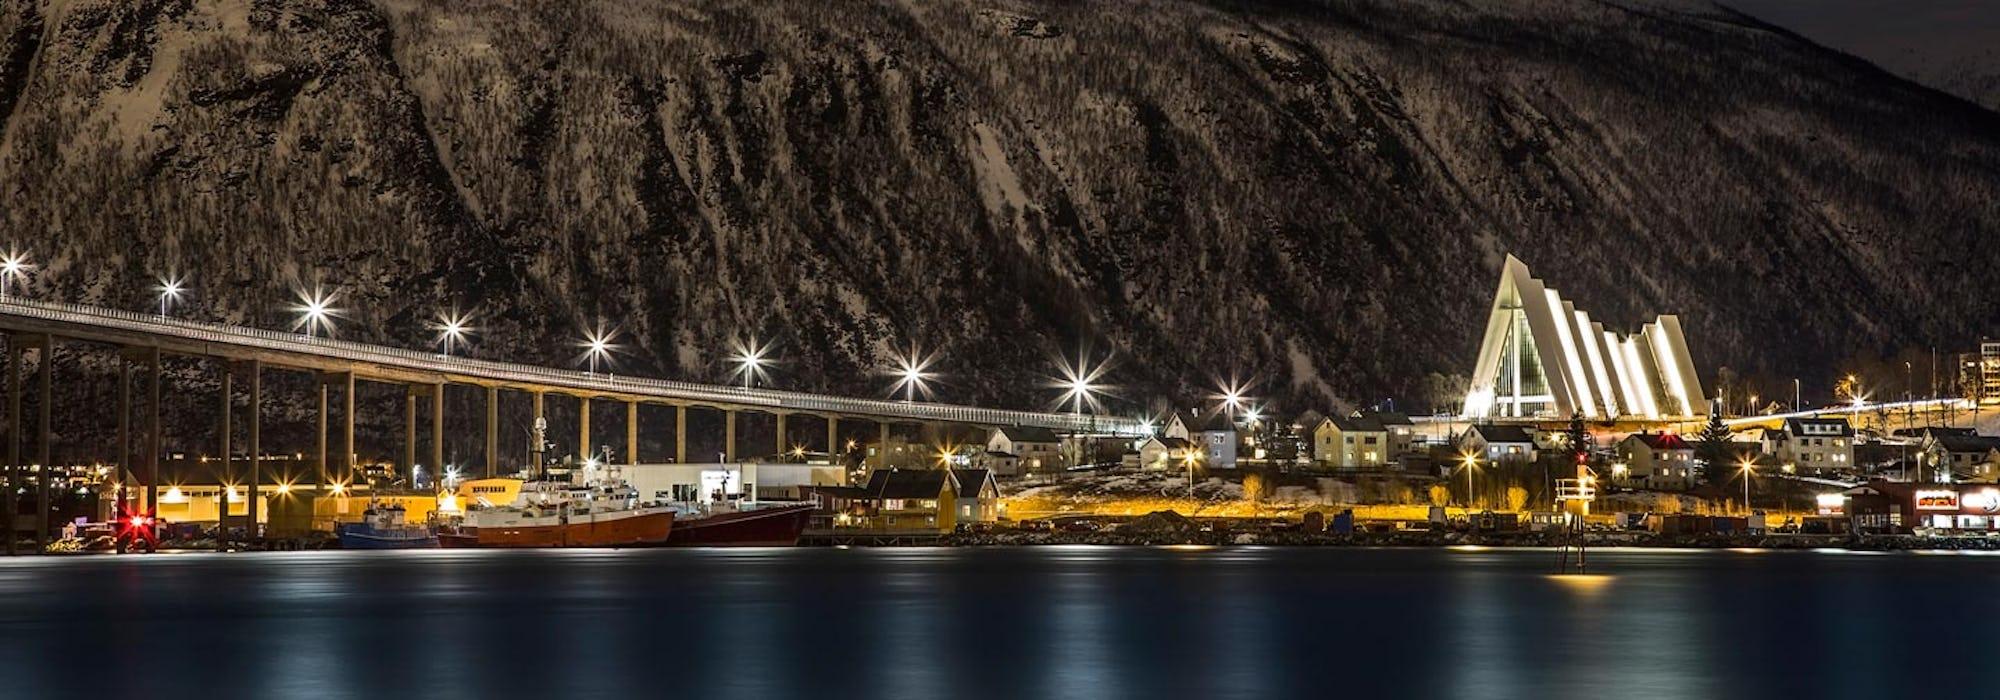 Foto: Sascha Koch/Hurtigruten